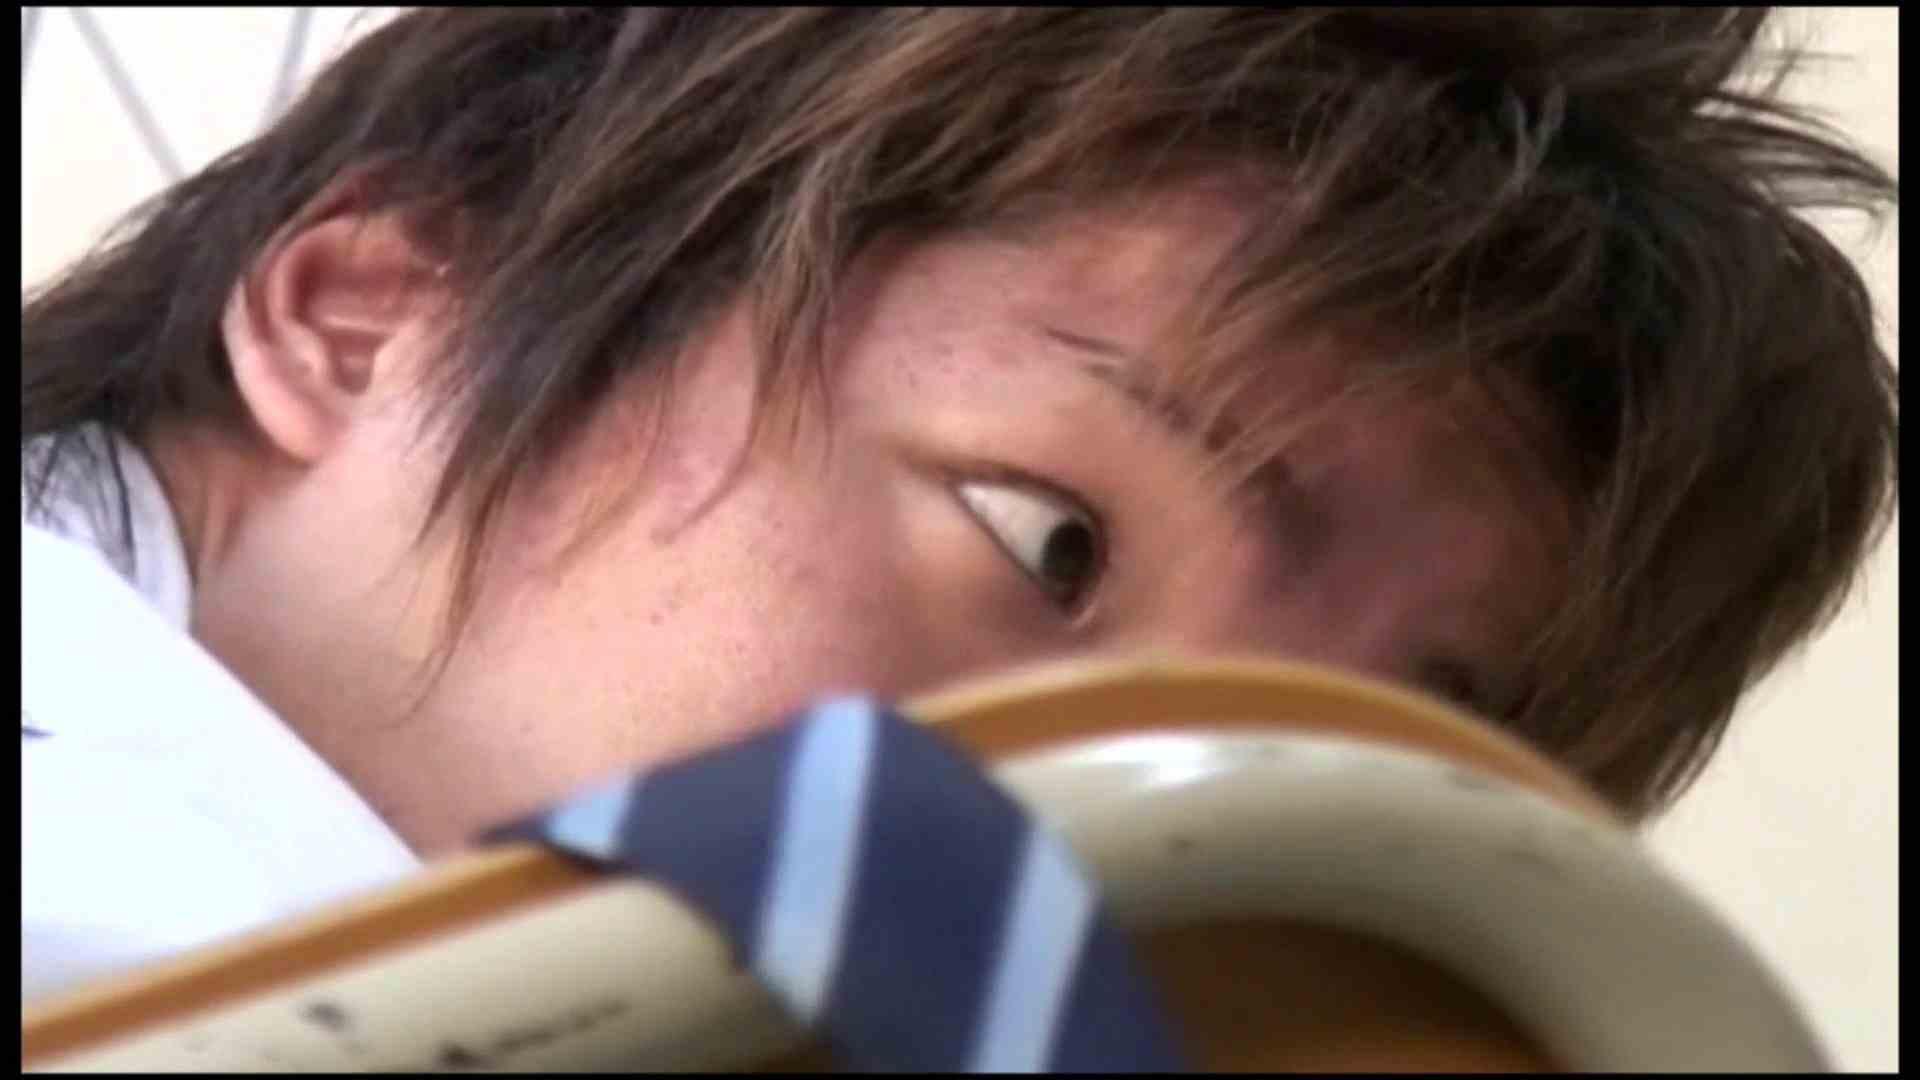 課外授業!居残り組は秘密の補習後編 ディルド天国 | エロ特集 ゲイエロ動画 93pic 61